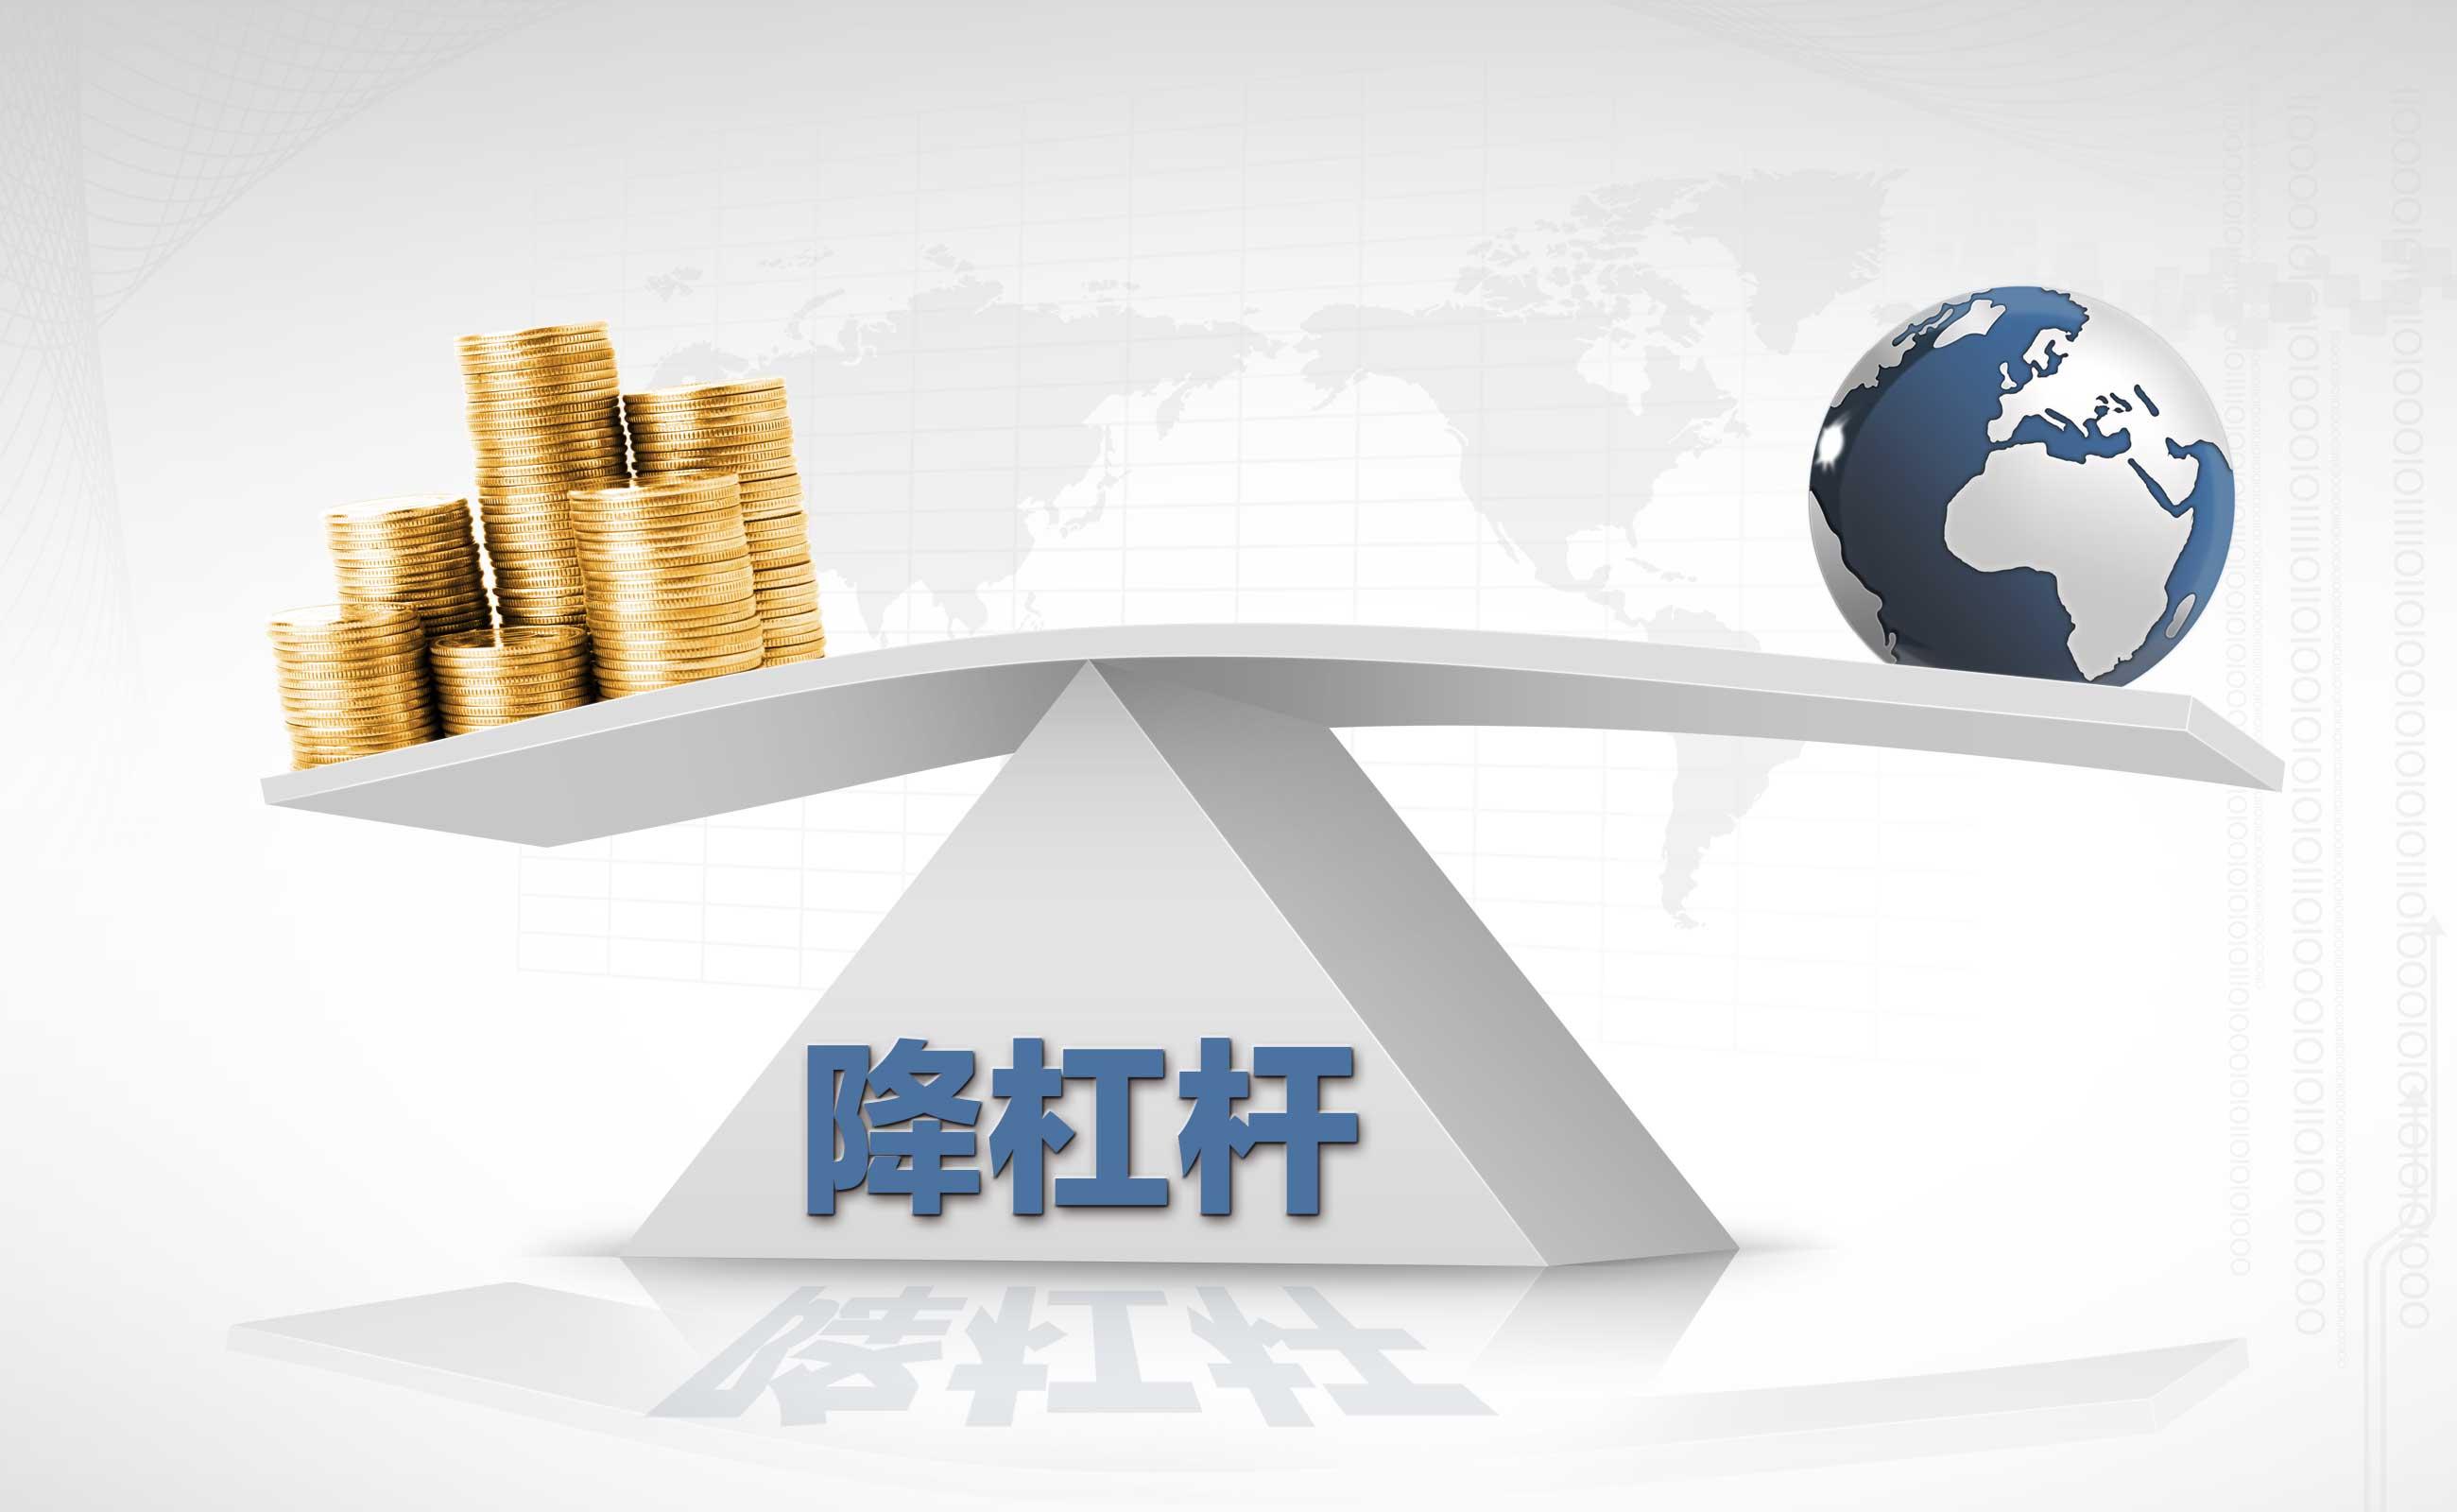 央企降杠杆到关键时点 资本市场助一臂之力